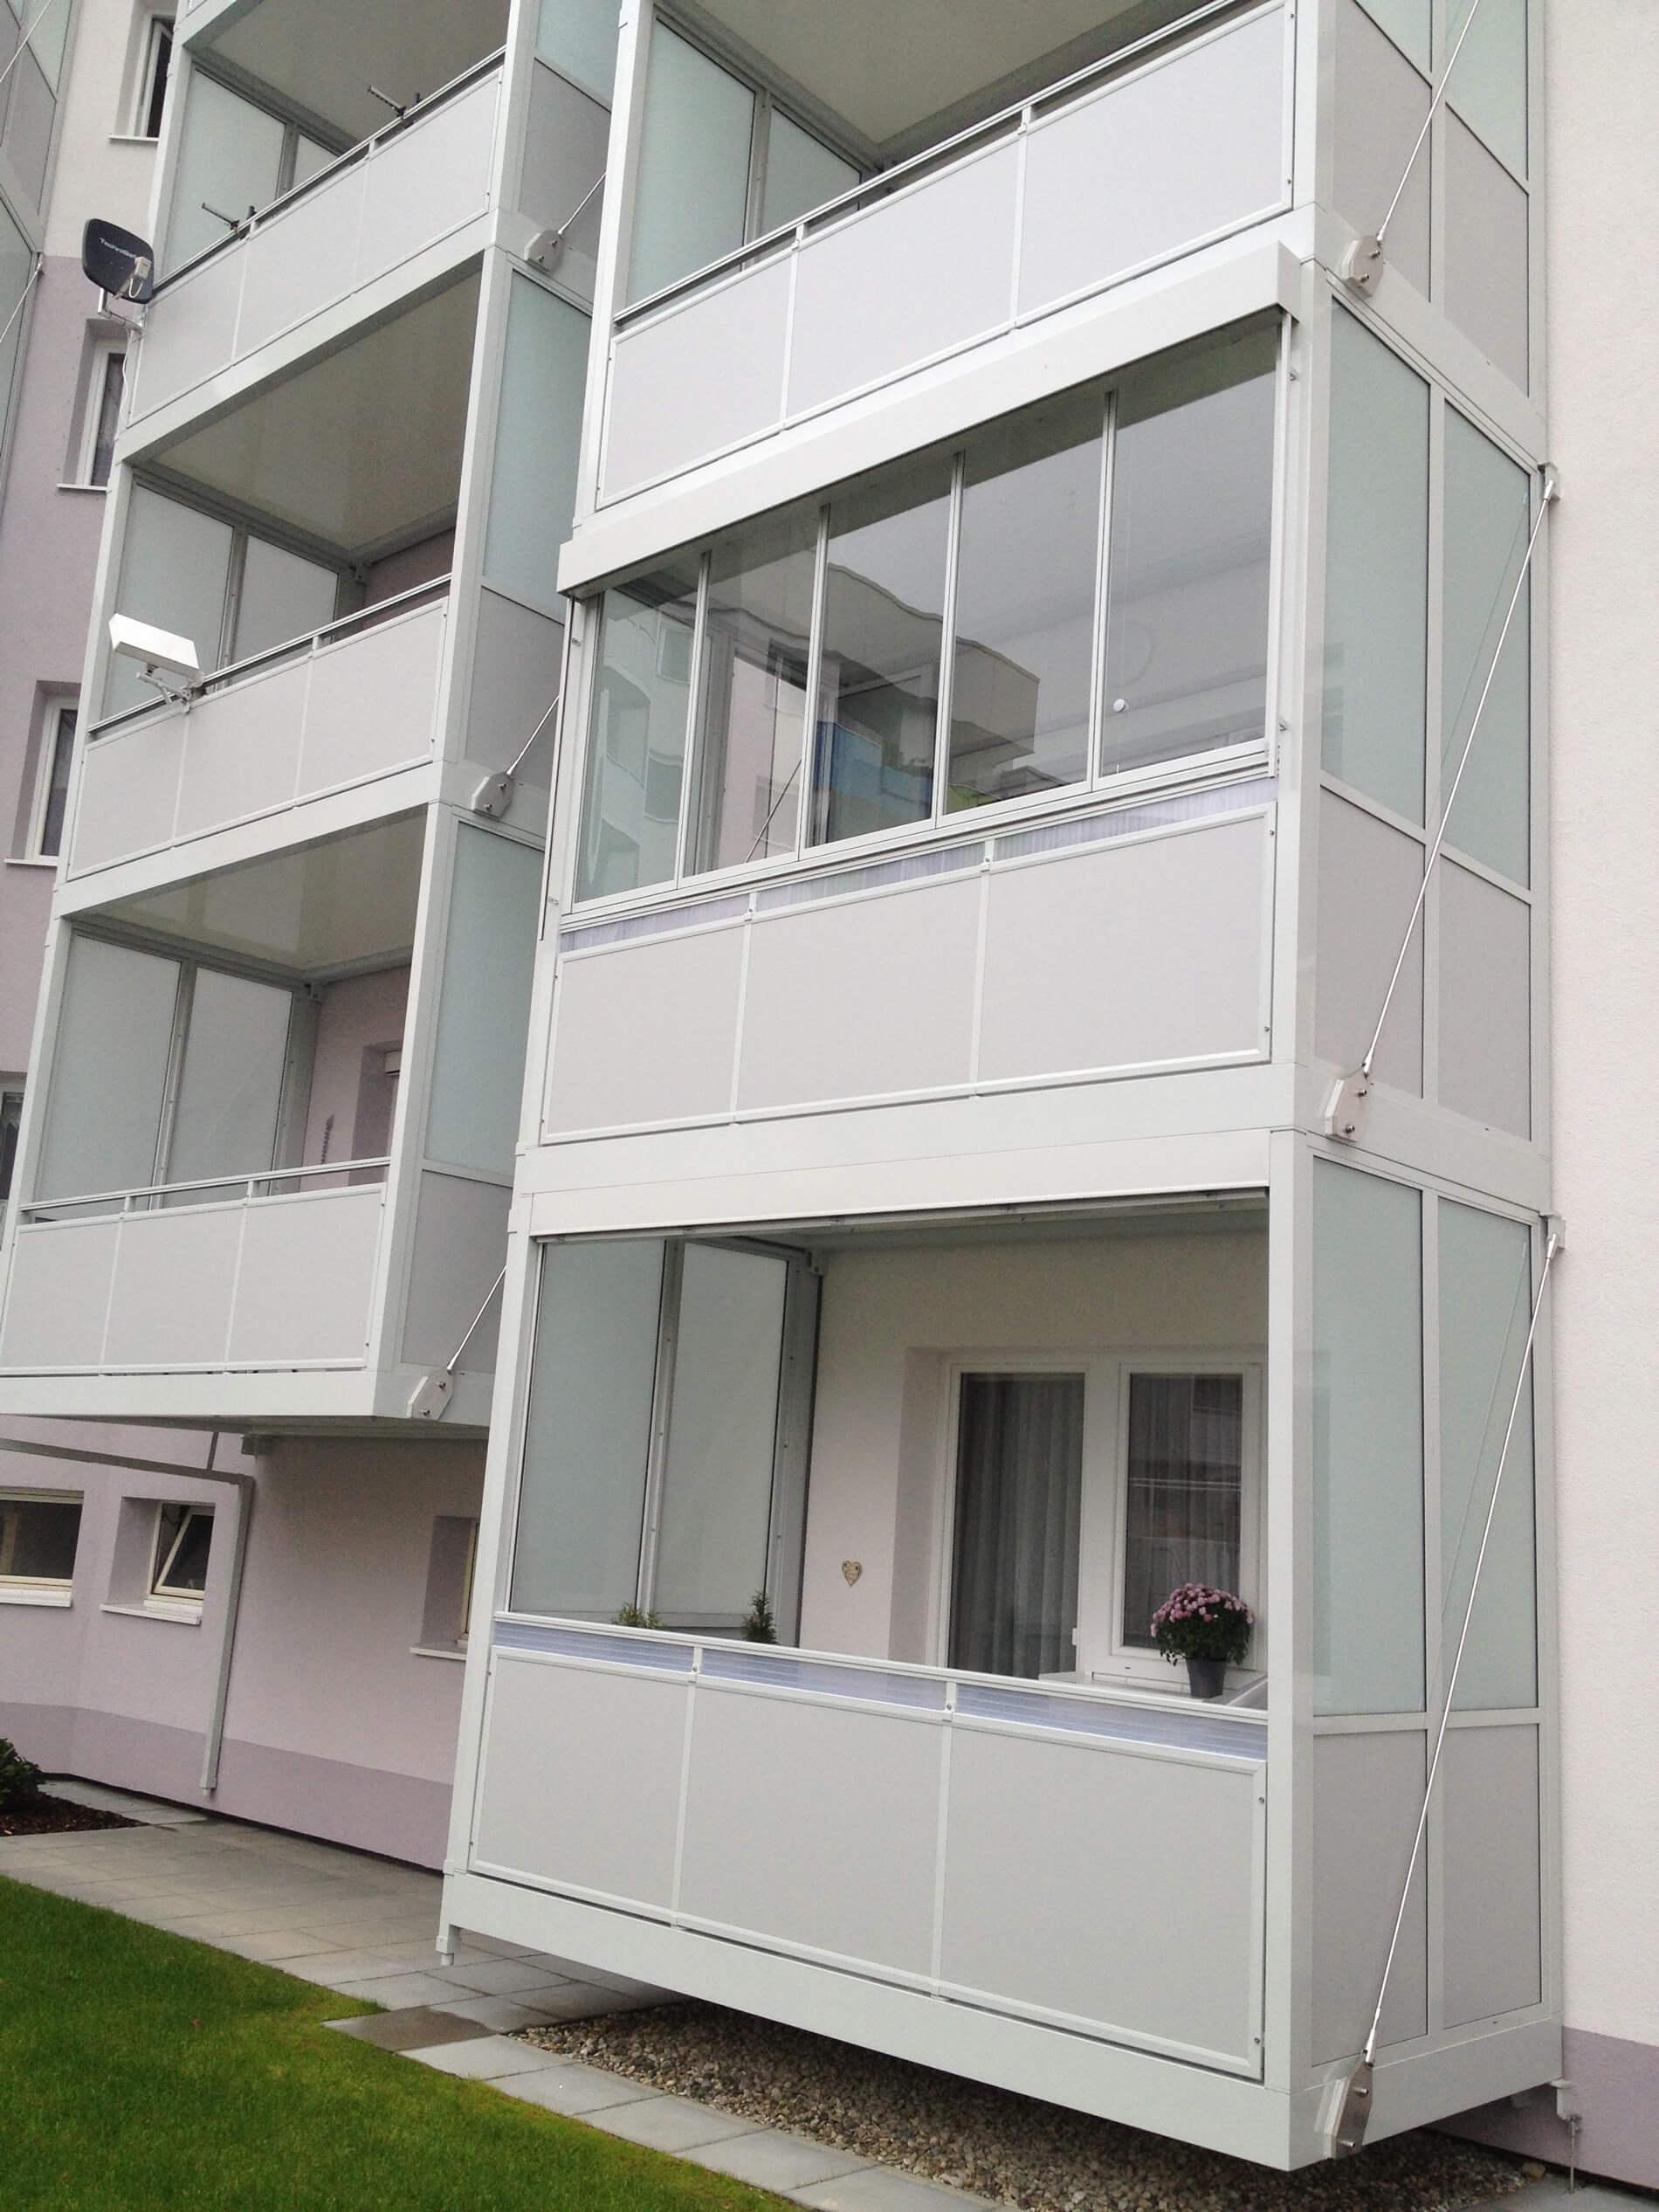 Schiebe-Dreh-Systeme für Balkon Glas